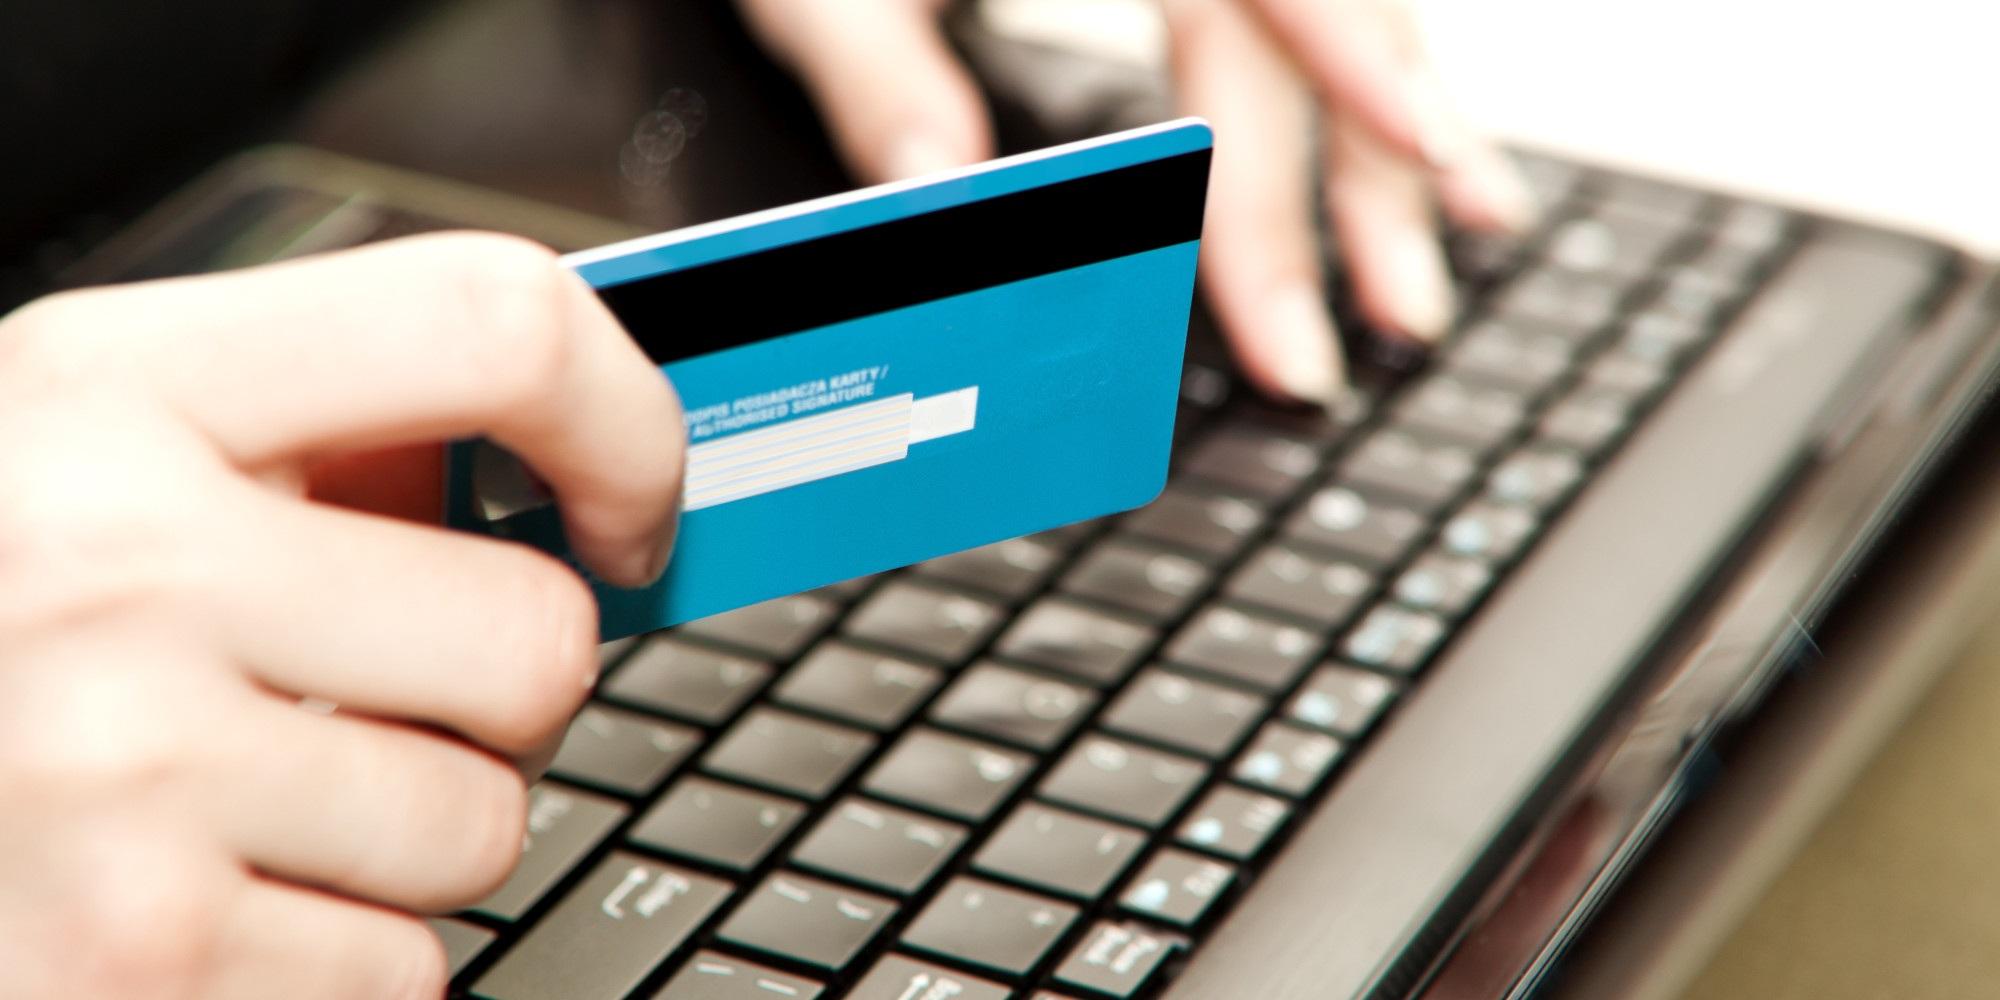 o-online-shopping-facebook-1479093492080